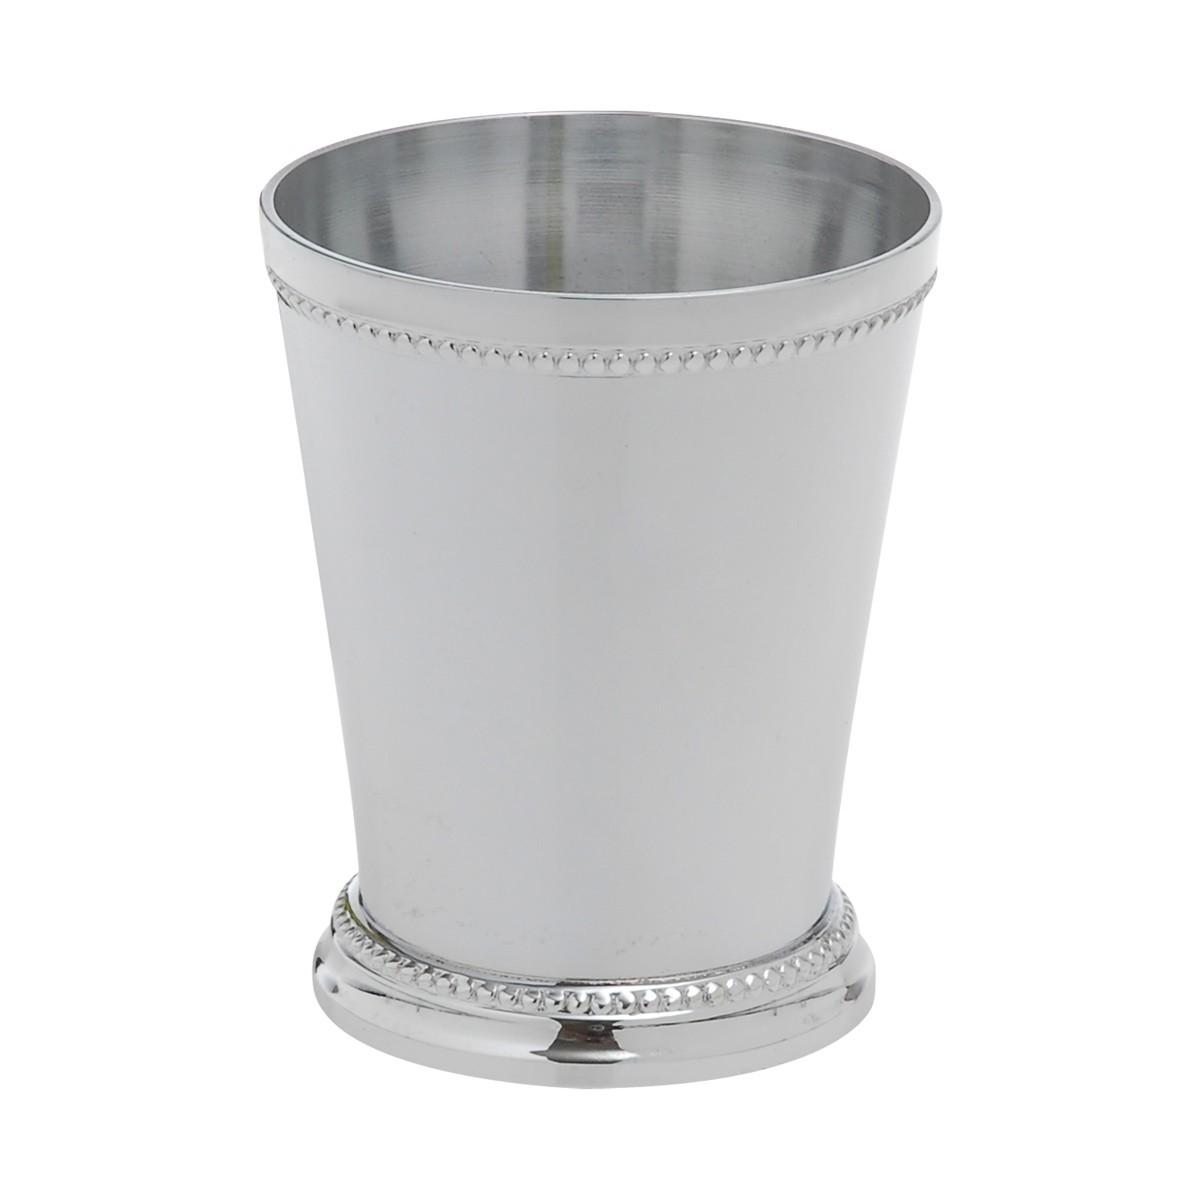 Μεταλλικό Ποτήρι Οδοντόβουρτσας Home Design FE18149B